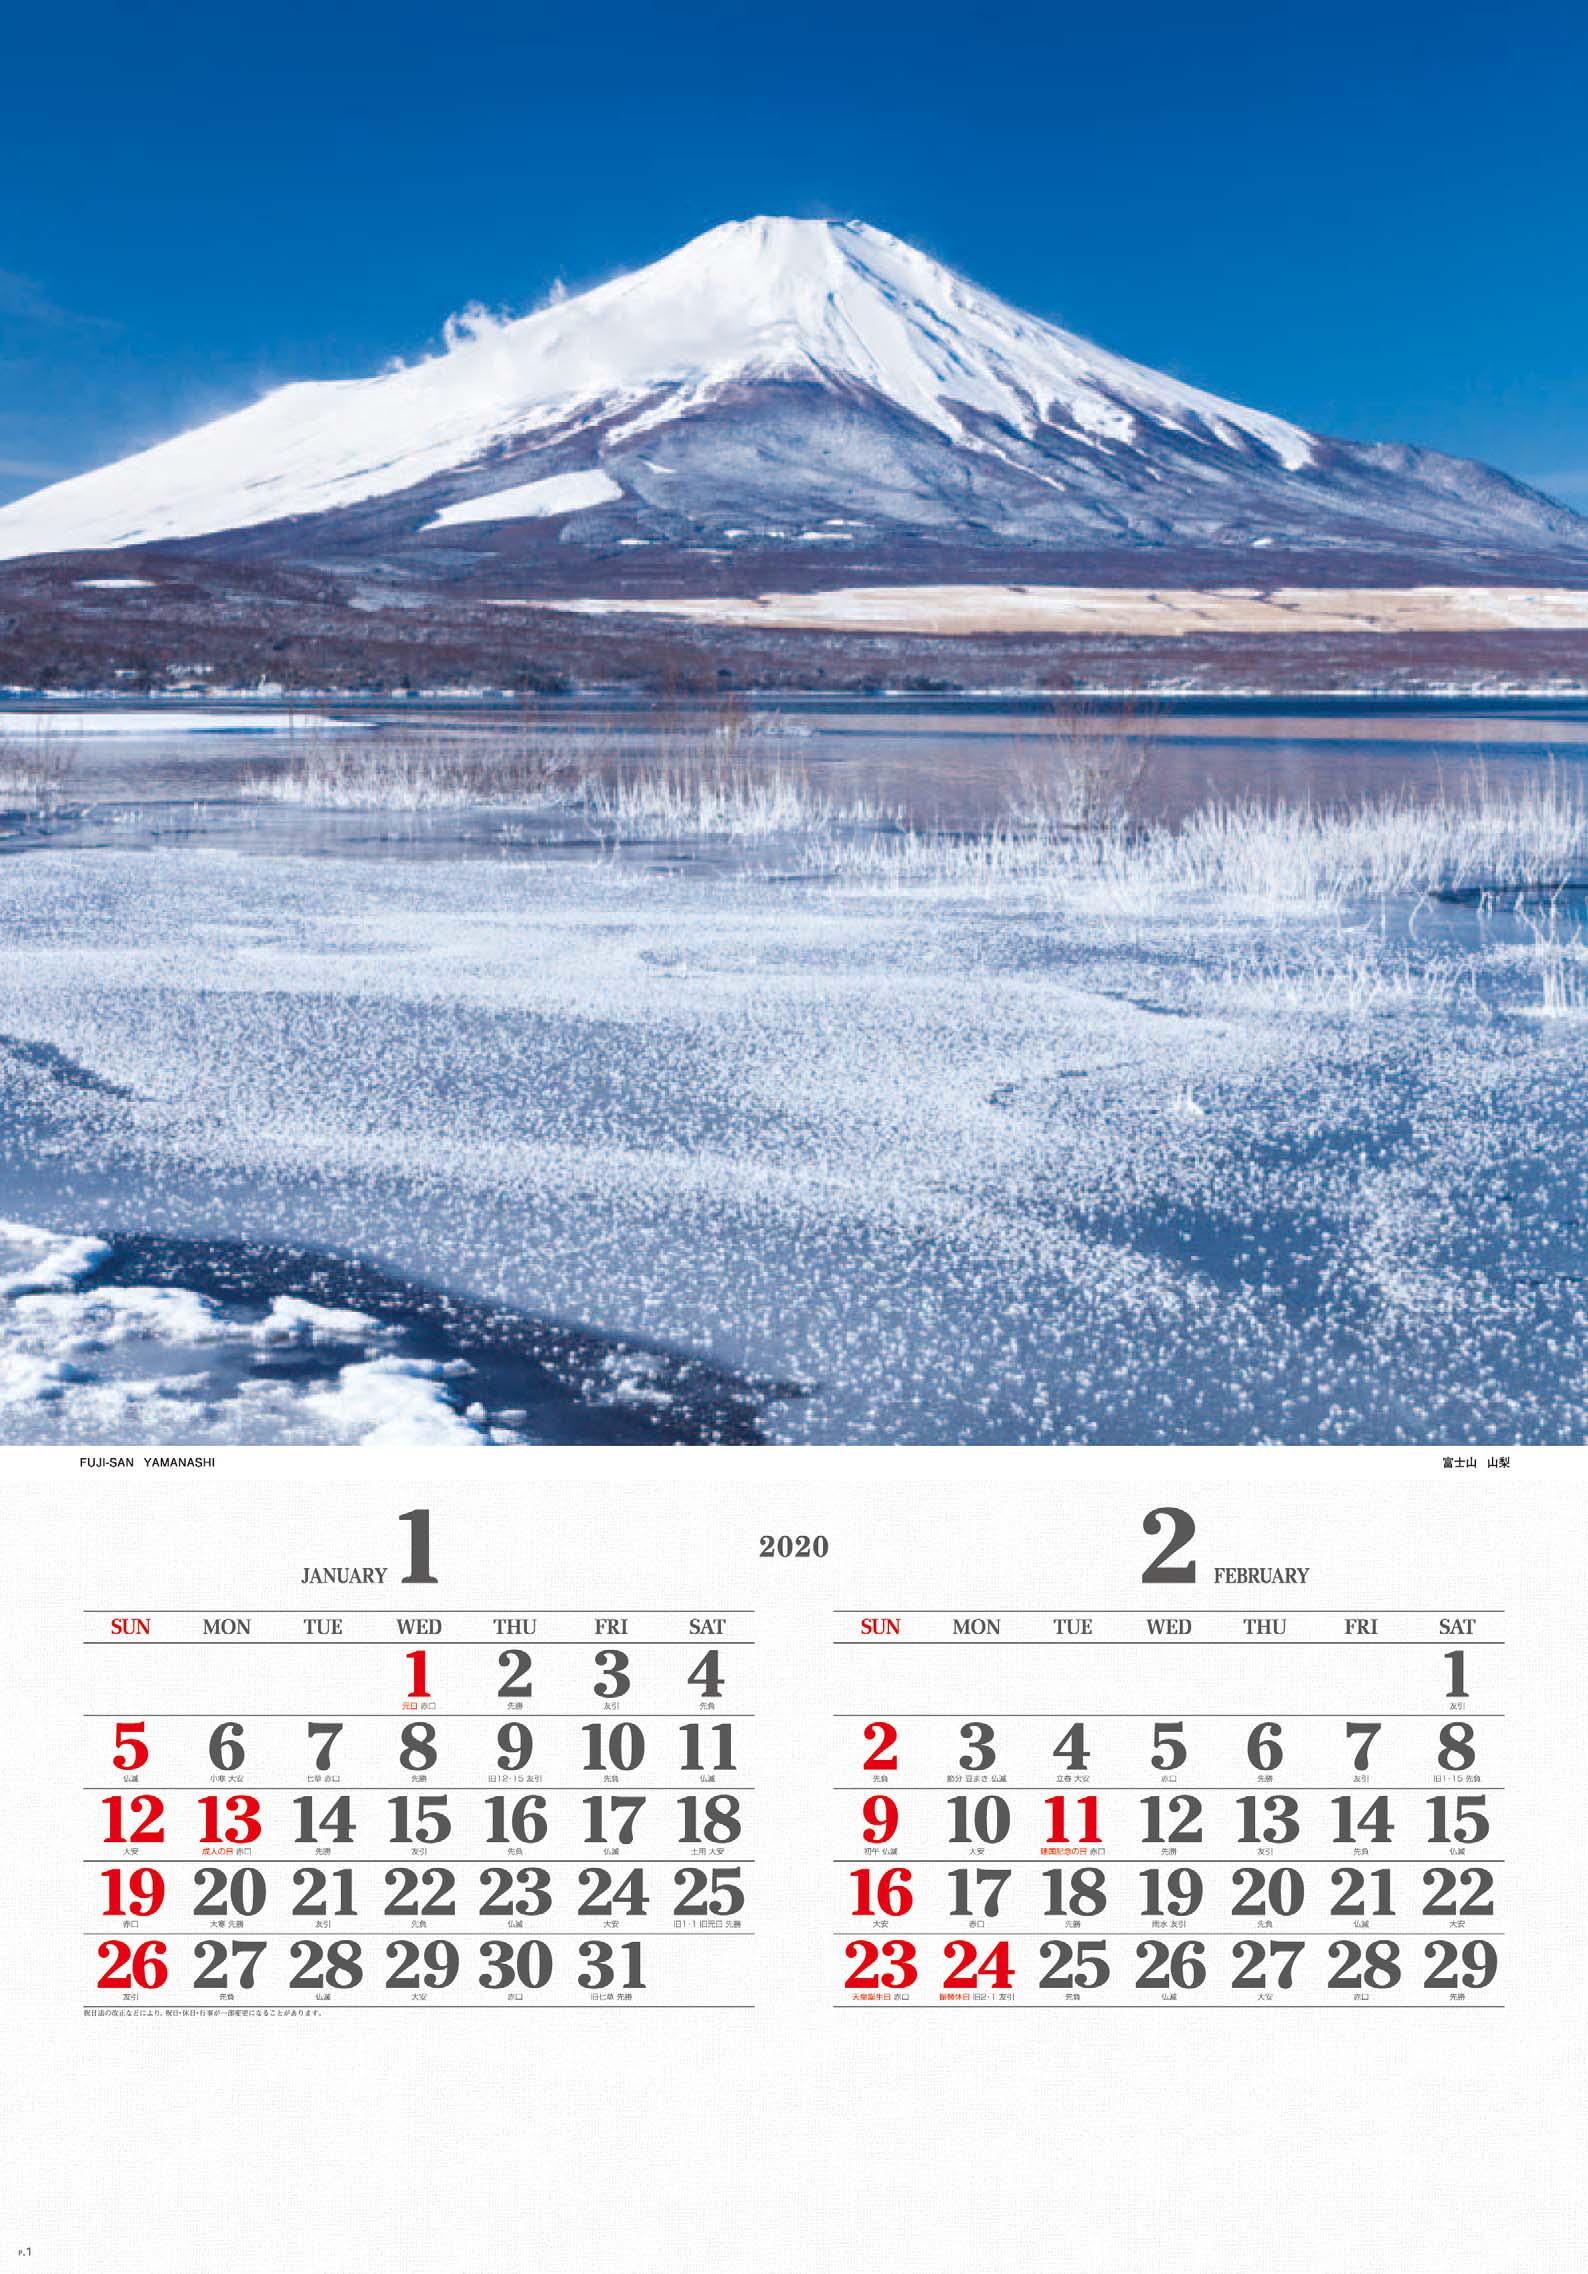 画像:富士山(山梨)富士山 ワイドニッポン(フィルムカレンダー) 2020年カレンダー